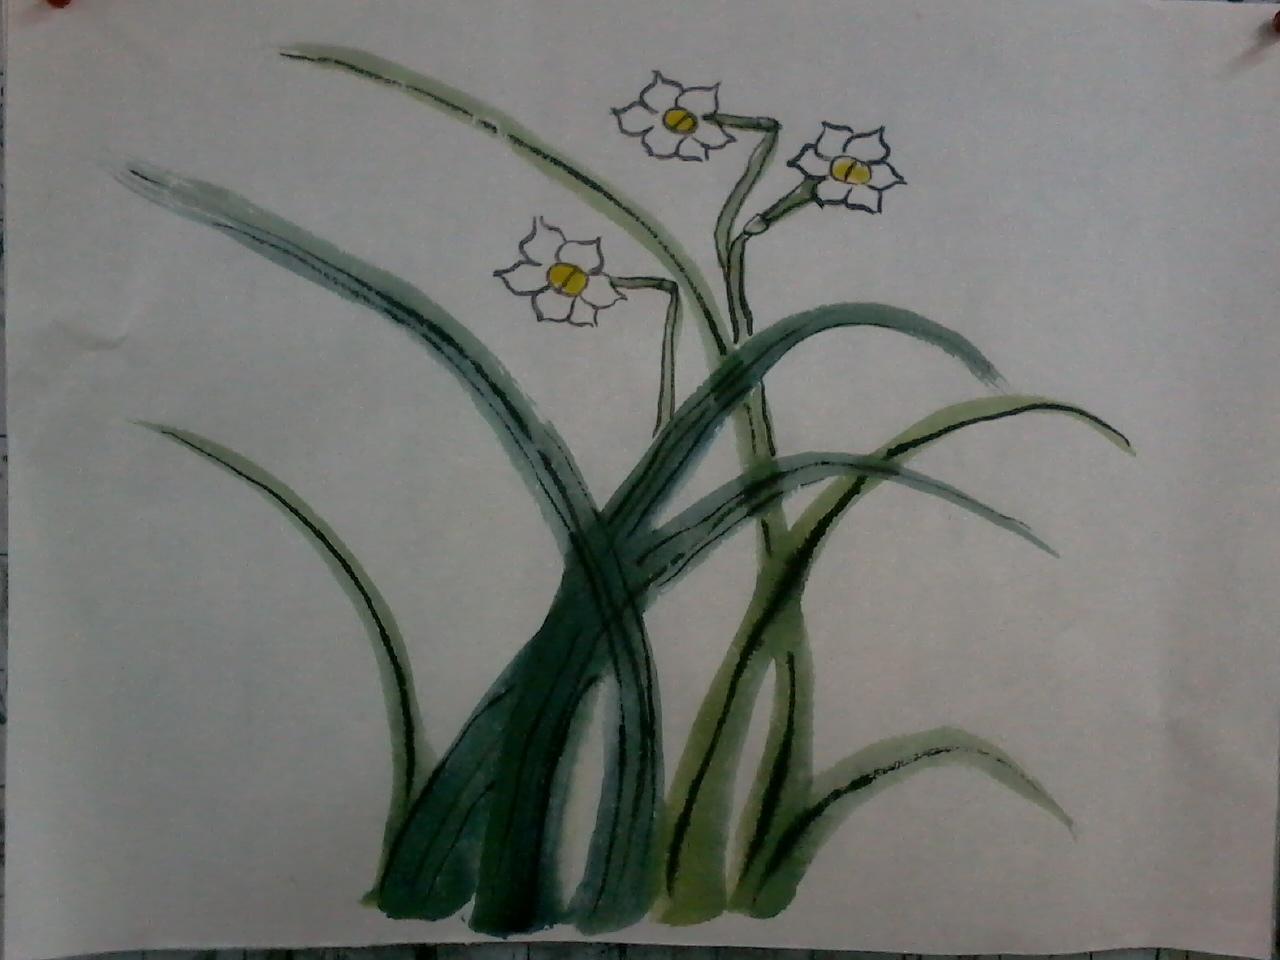 2,用大白云,中锋,墨勾画水仙花的花瓣(特别要注意花瓣的造型与数量)